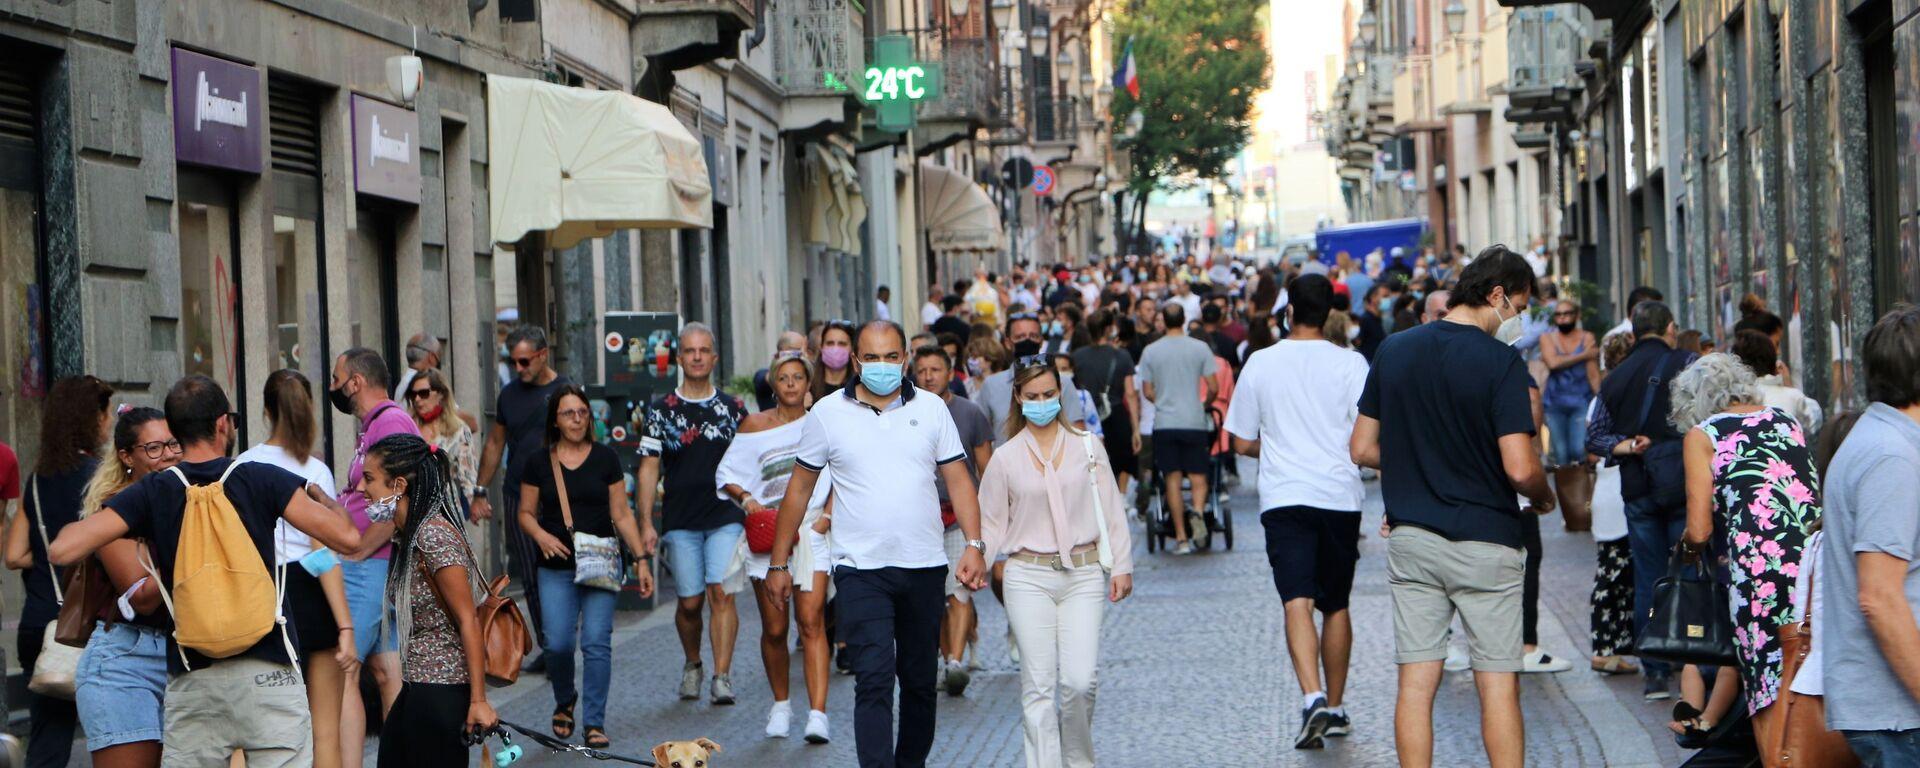 Coronavirus in Italia, la gente indossa le mascherine protettive - Sputnik Italia, 1920, 18.08.2021